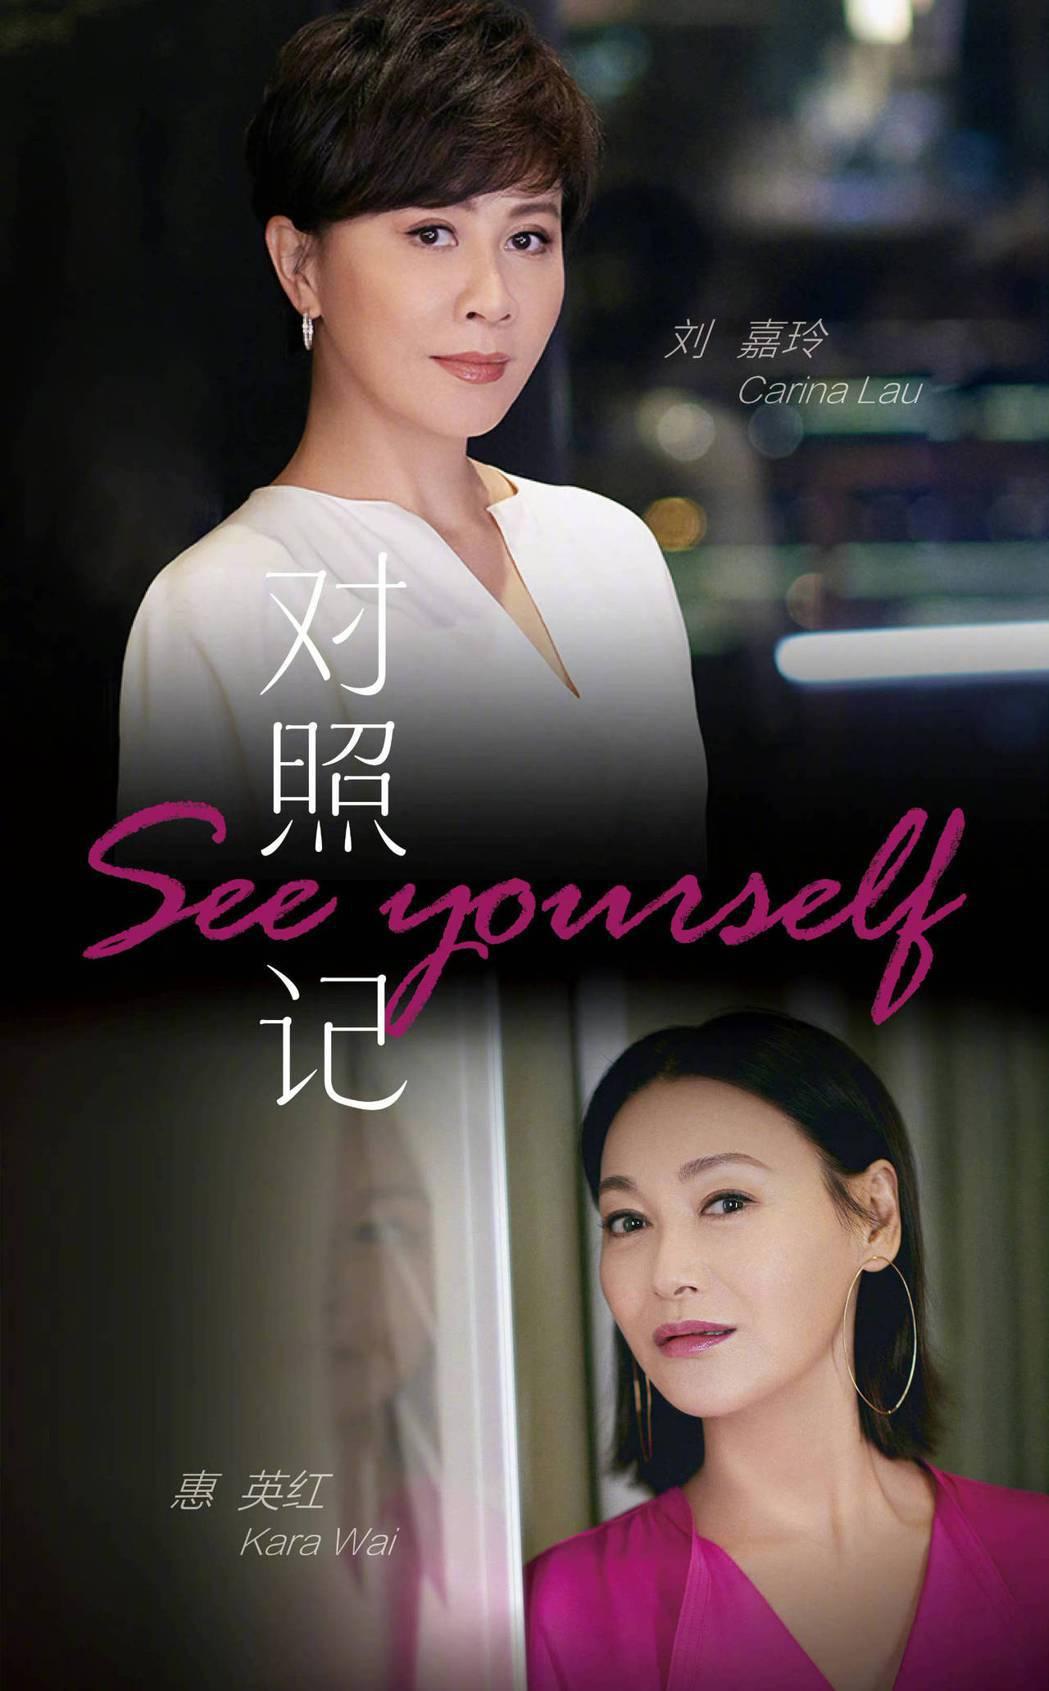 惠英紅接受劉嘉玲專訪。圖/摘自微博